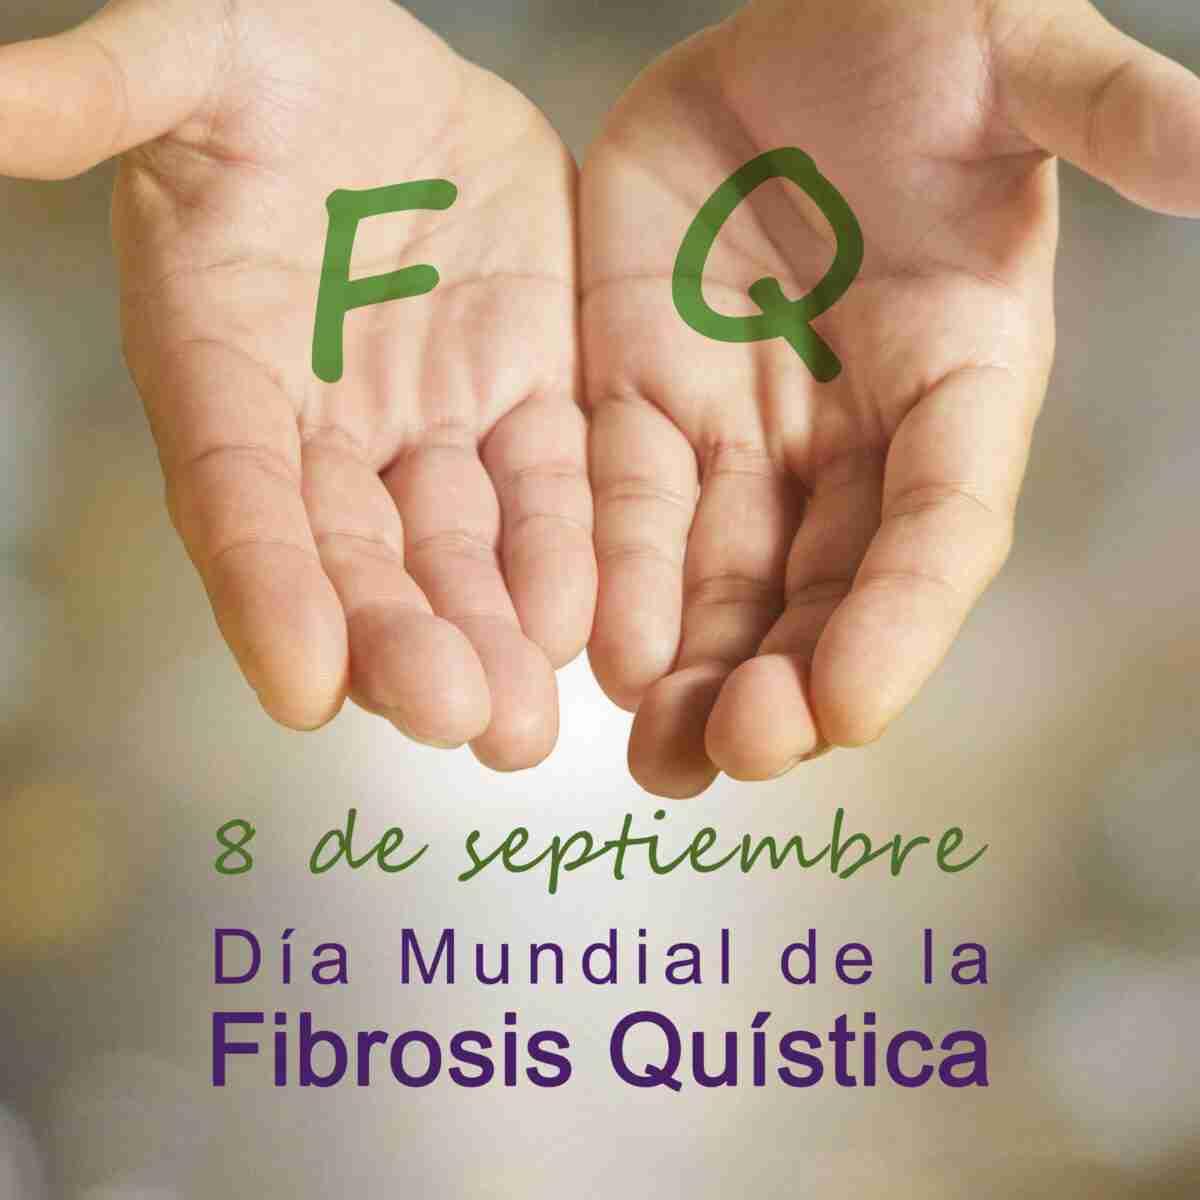 La Fundación Española de Fibrosis Quística le pide al Congreso de los Diputados aprobar una declaración institucional por el 'Día Mundial de la FQ' 1